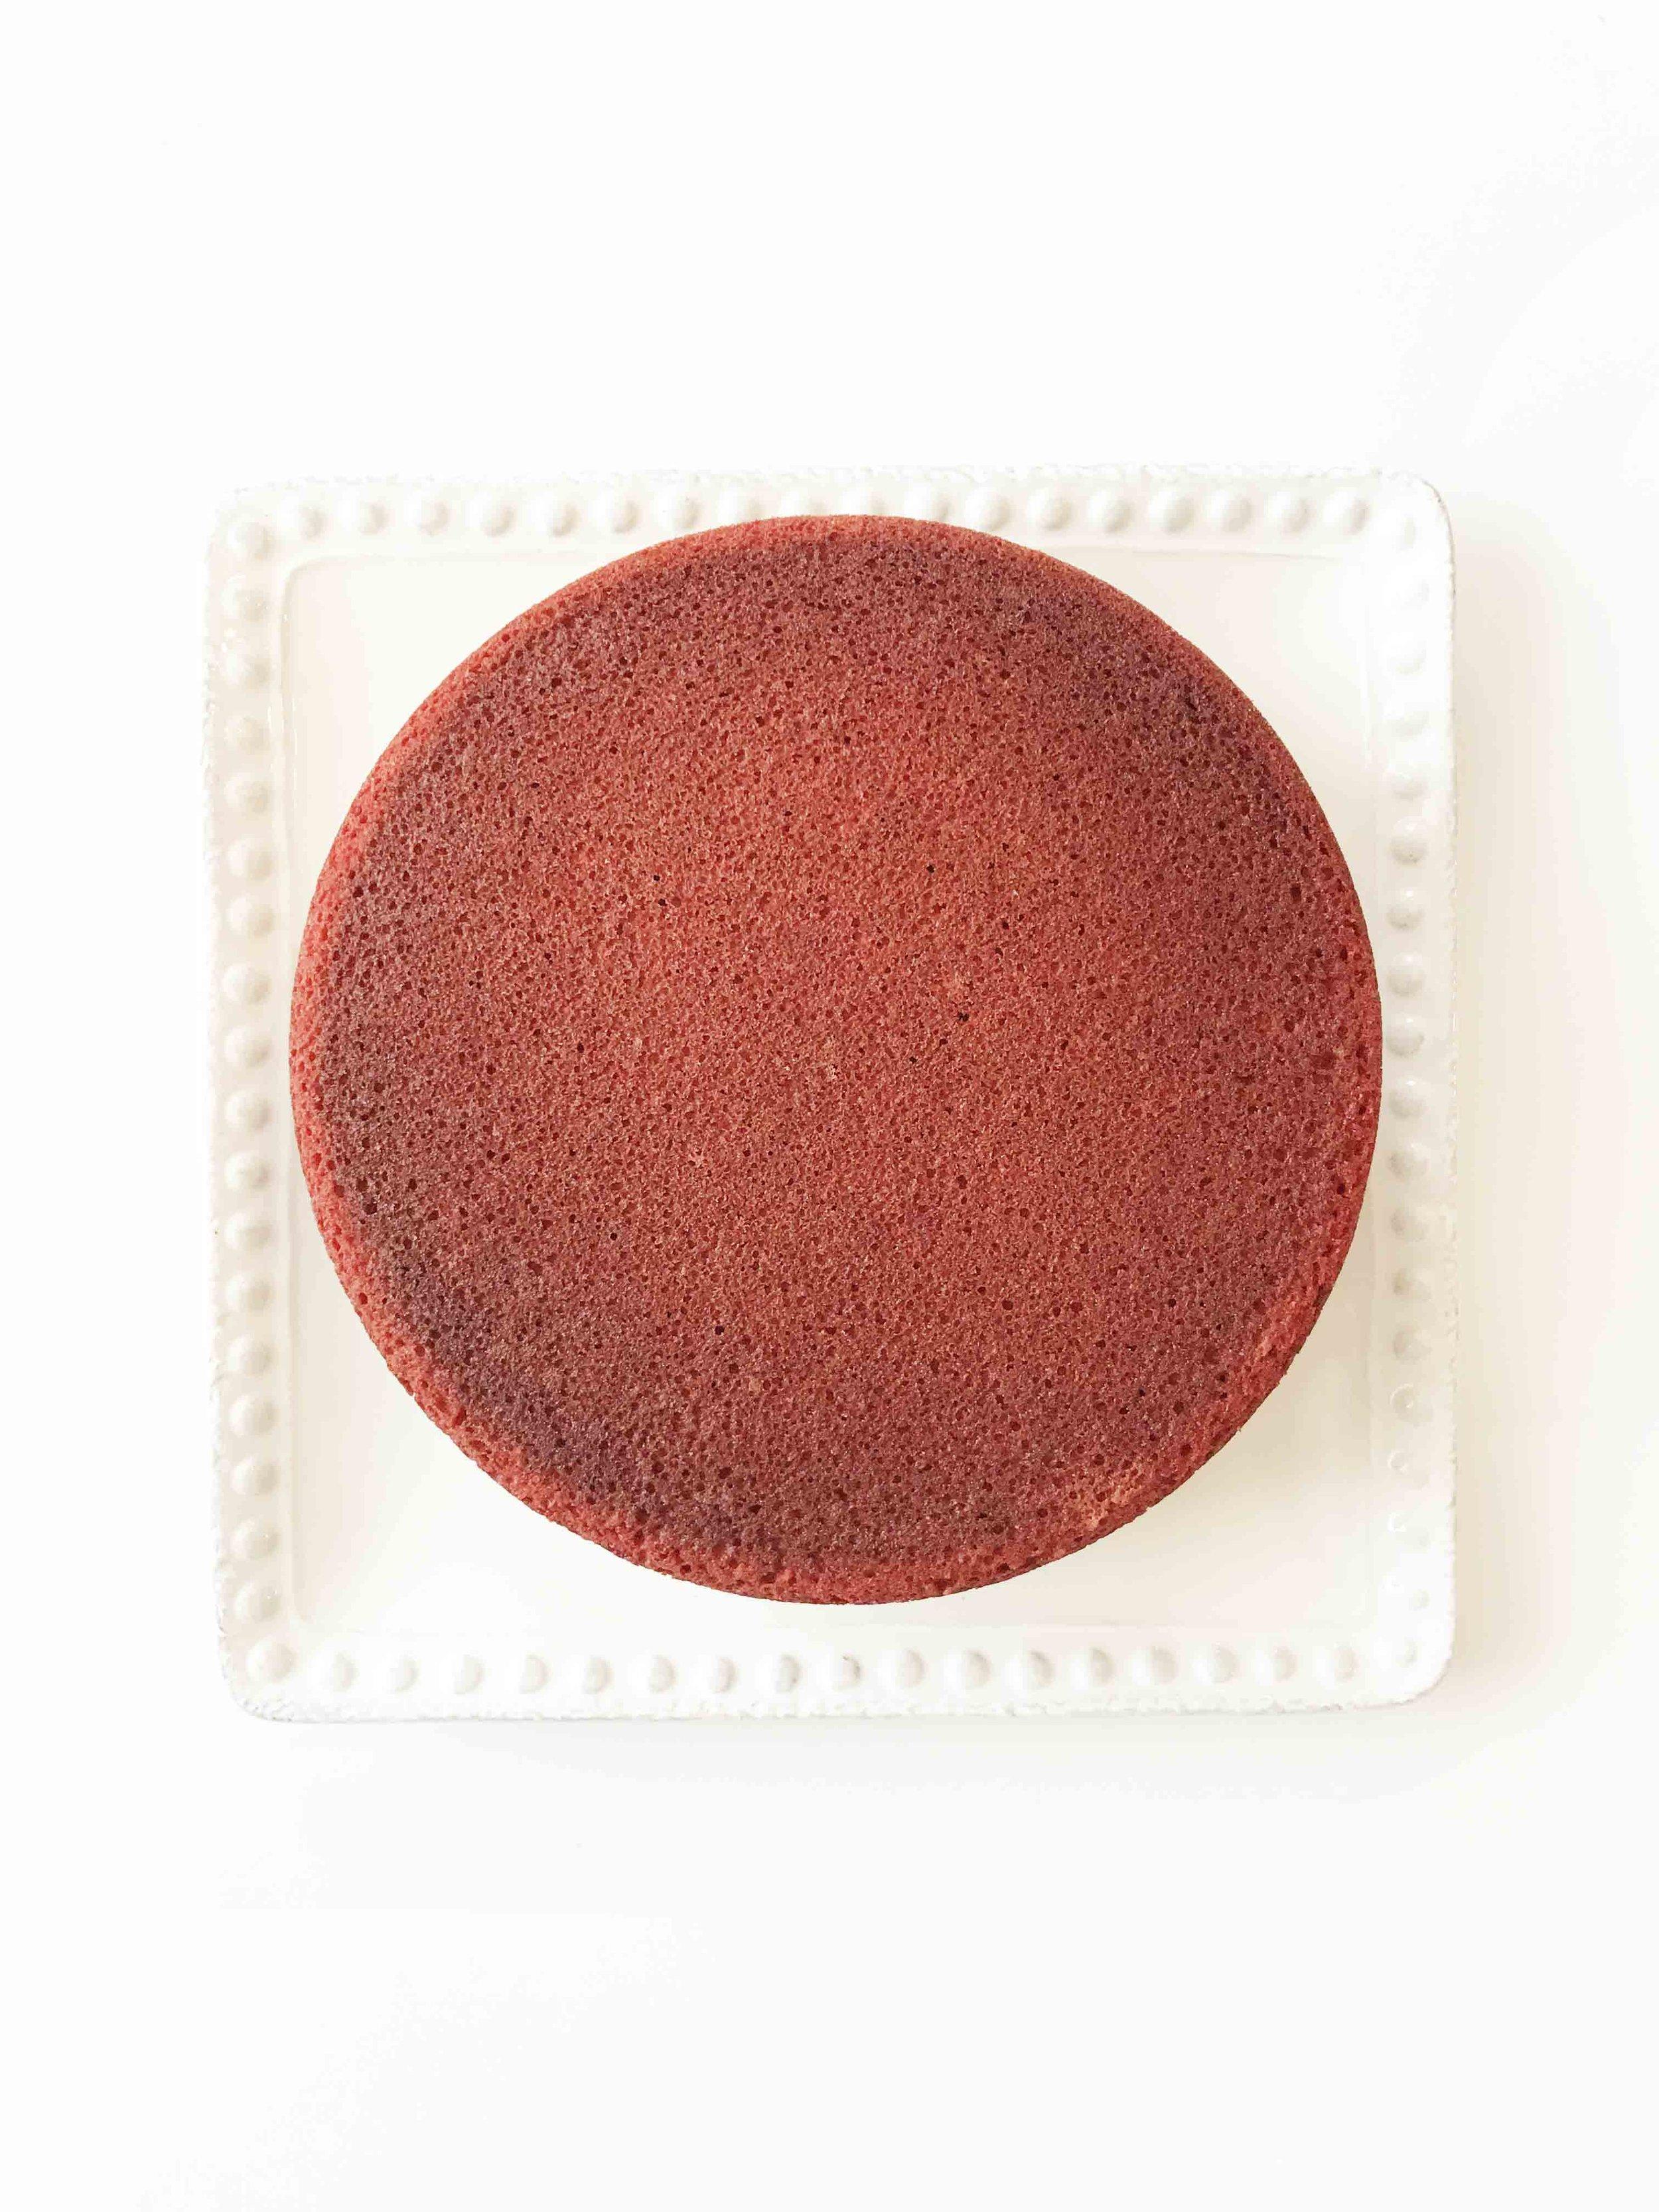 red-velvet-cake13.jpg